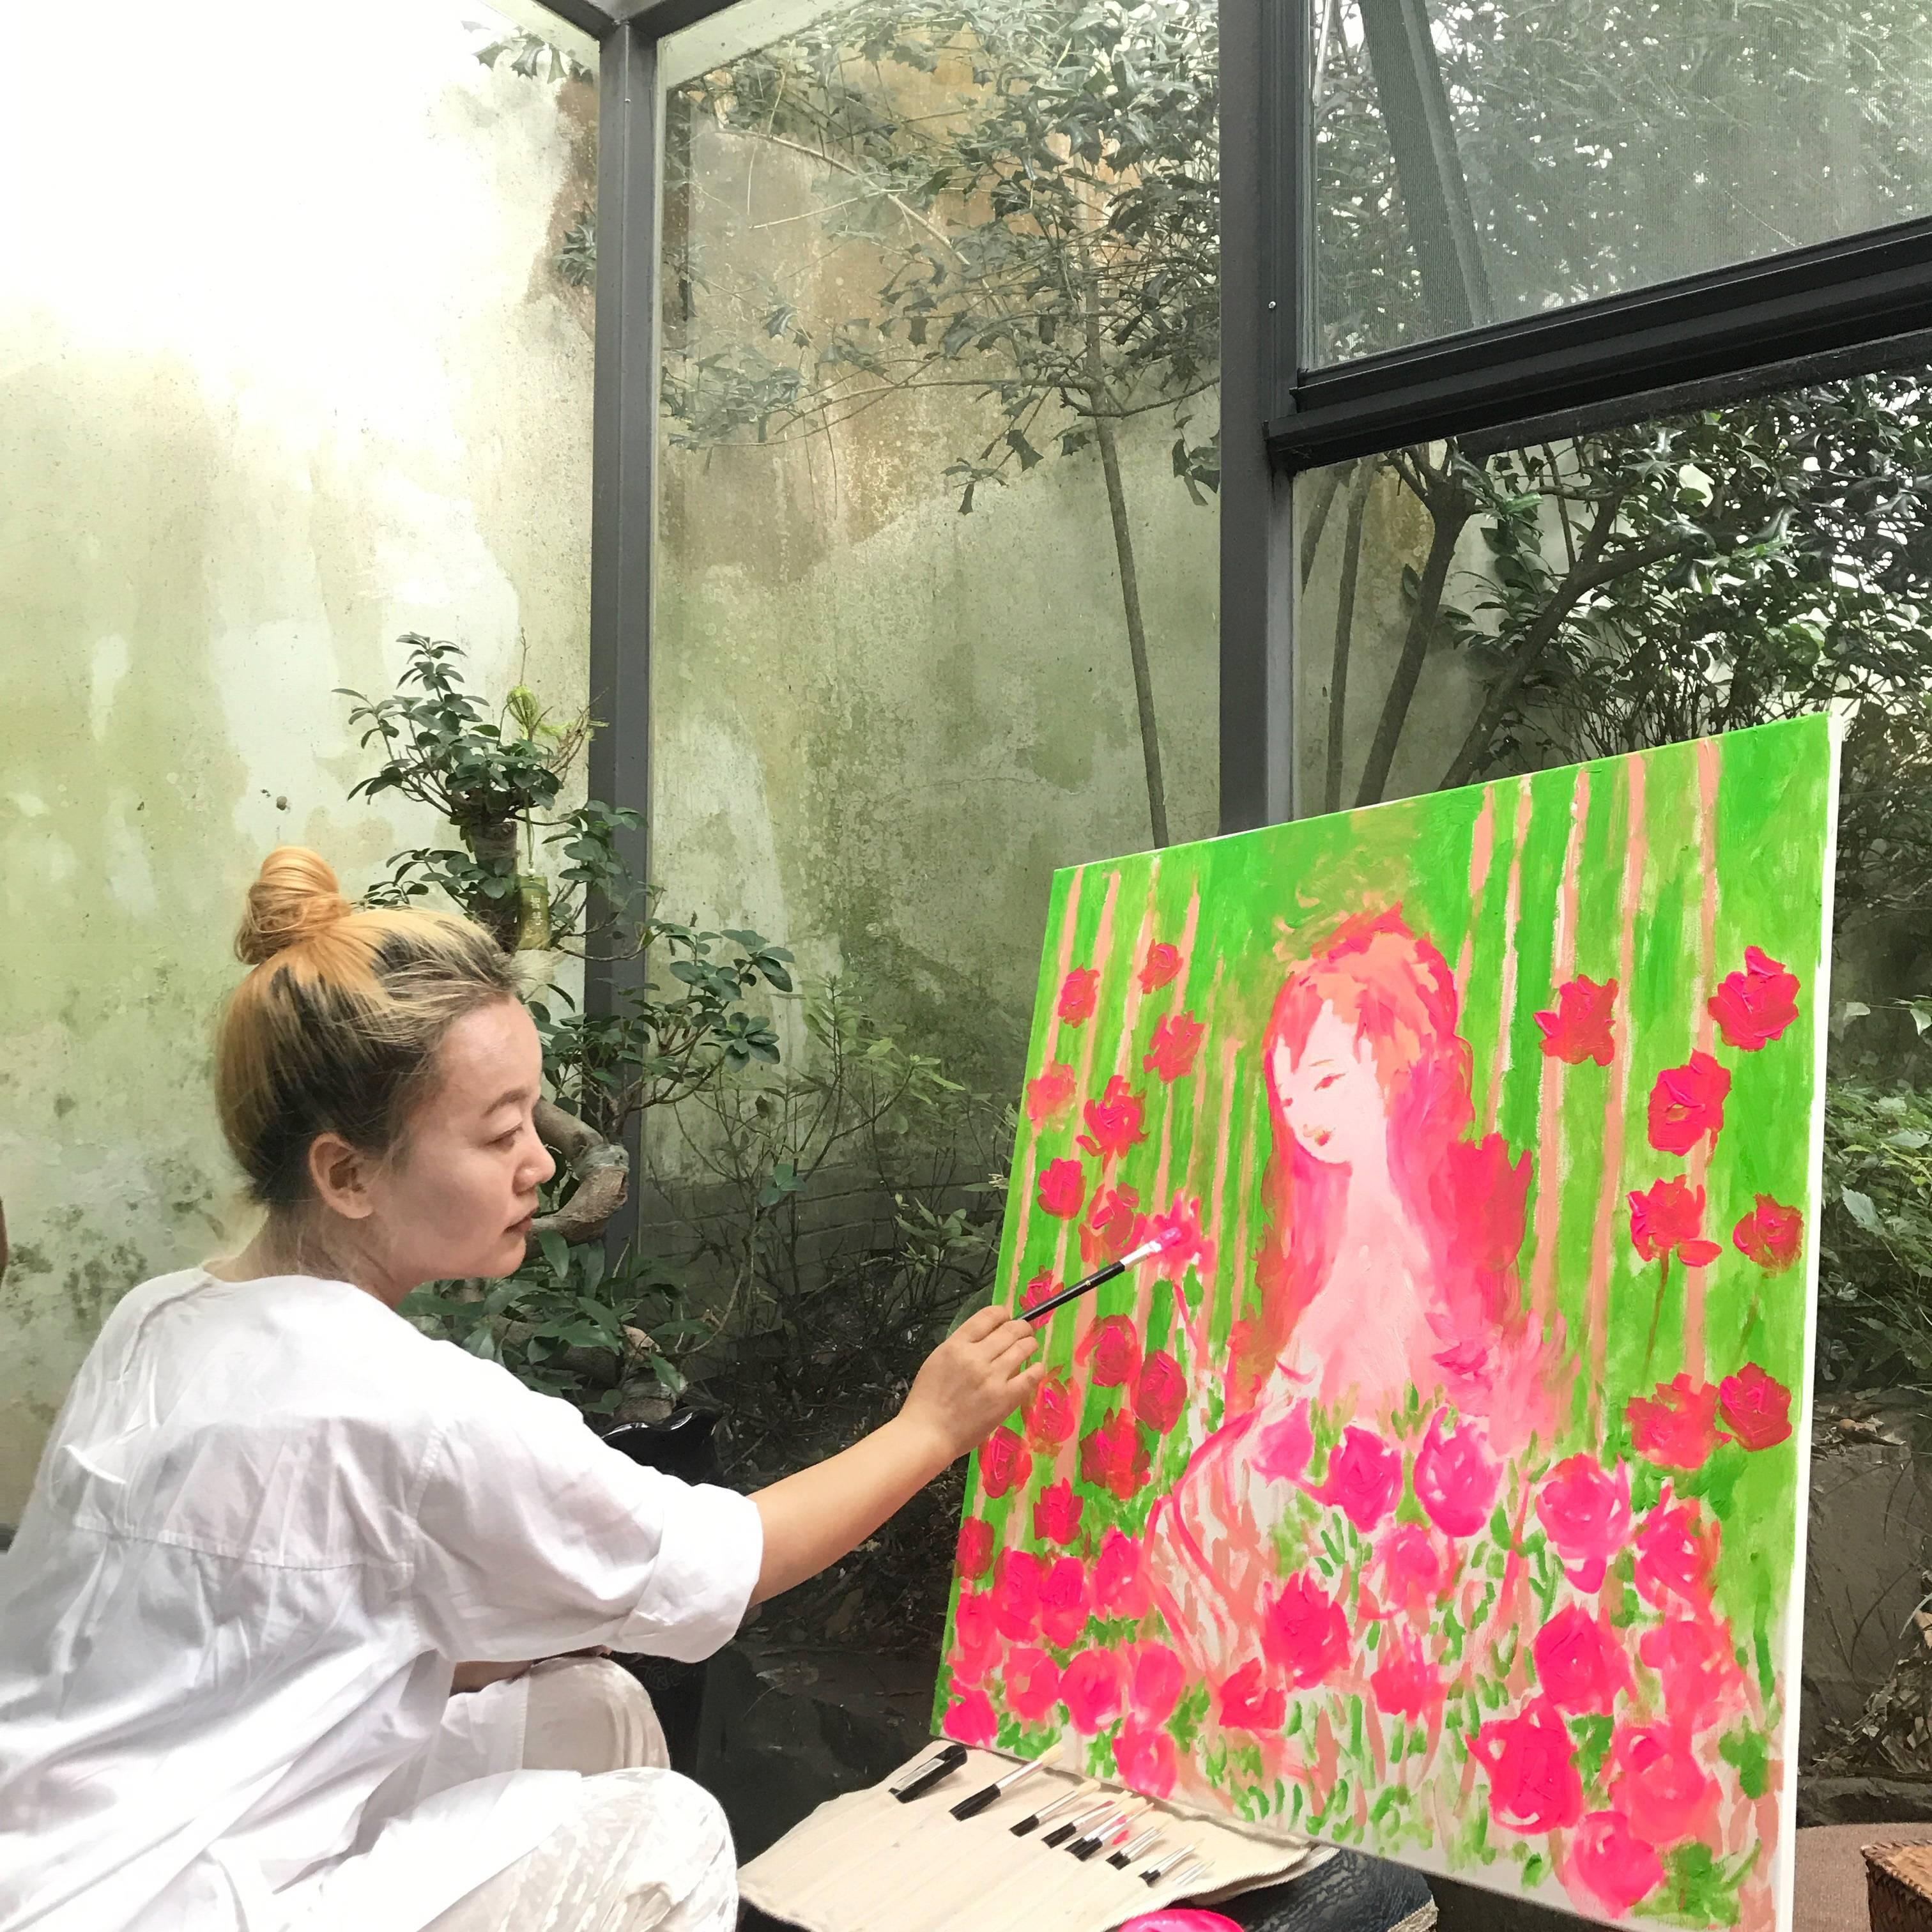 姜靖的粉红女郎作品集